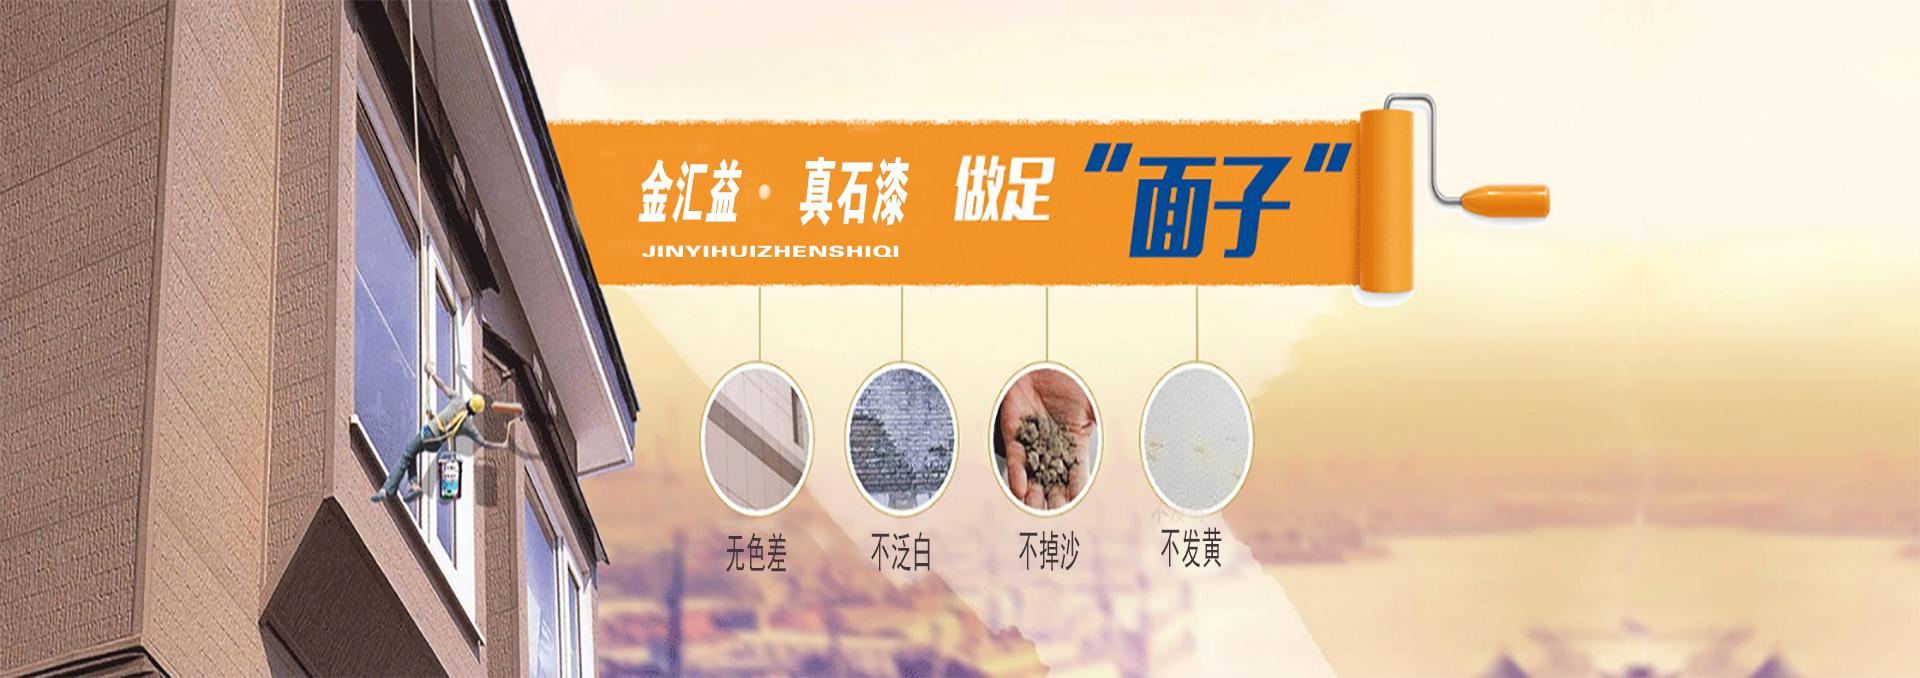 贵州真石漆厂家